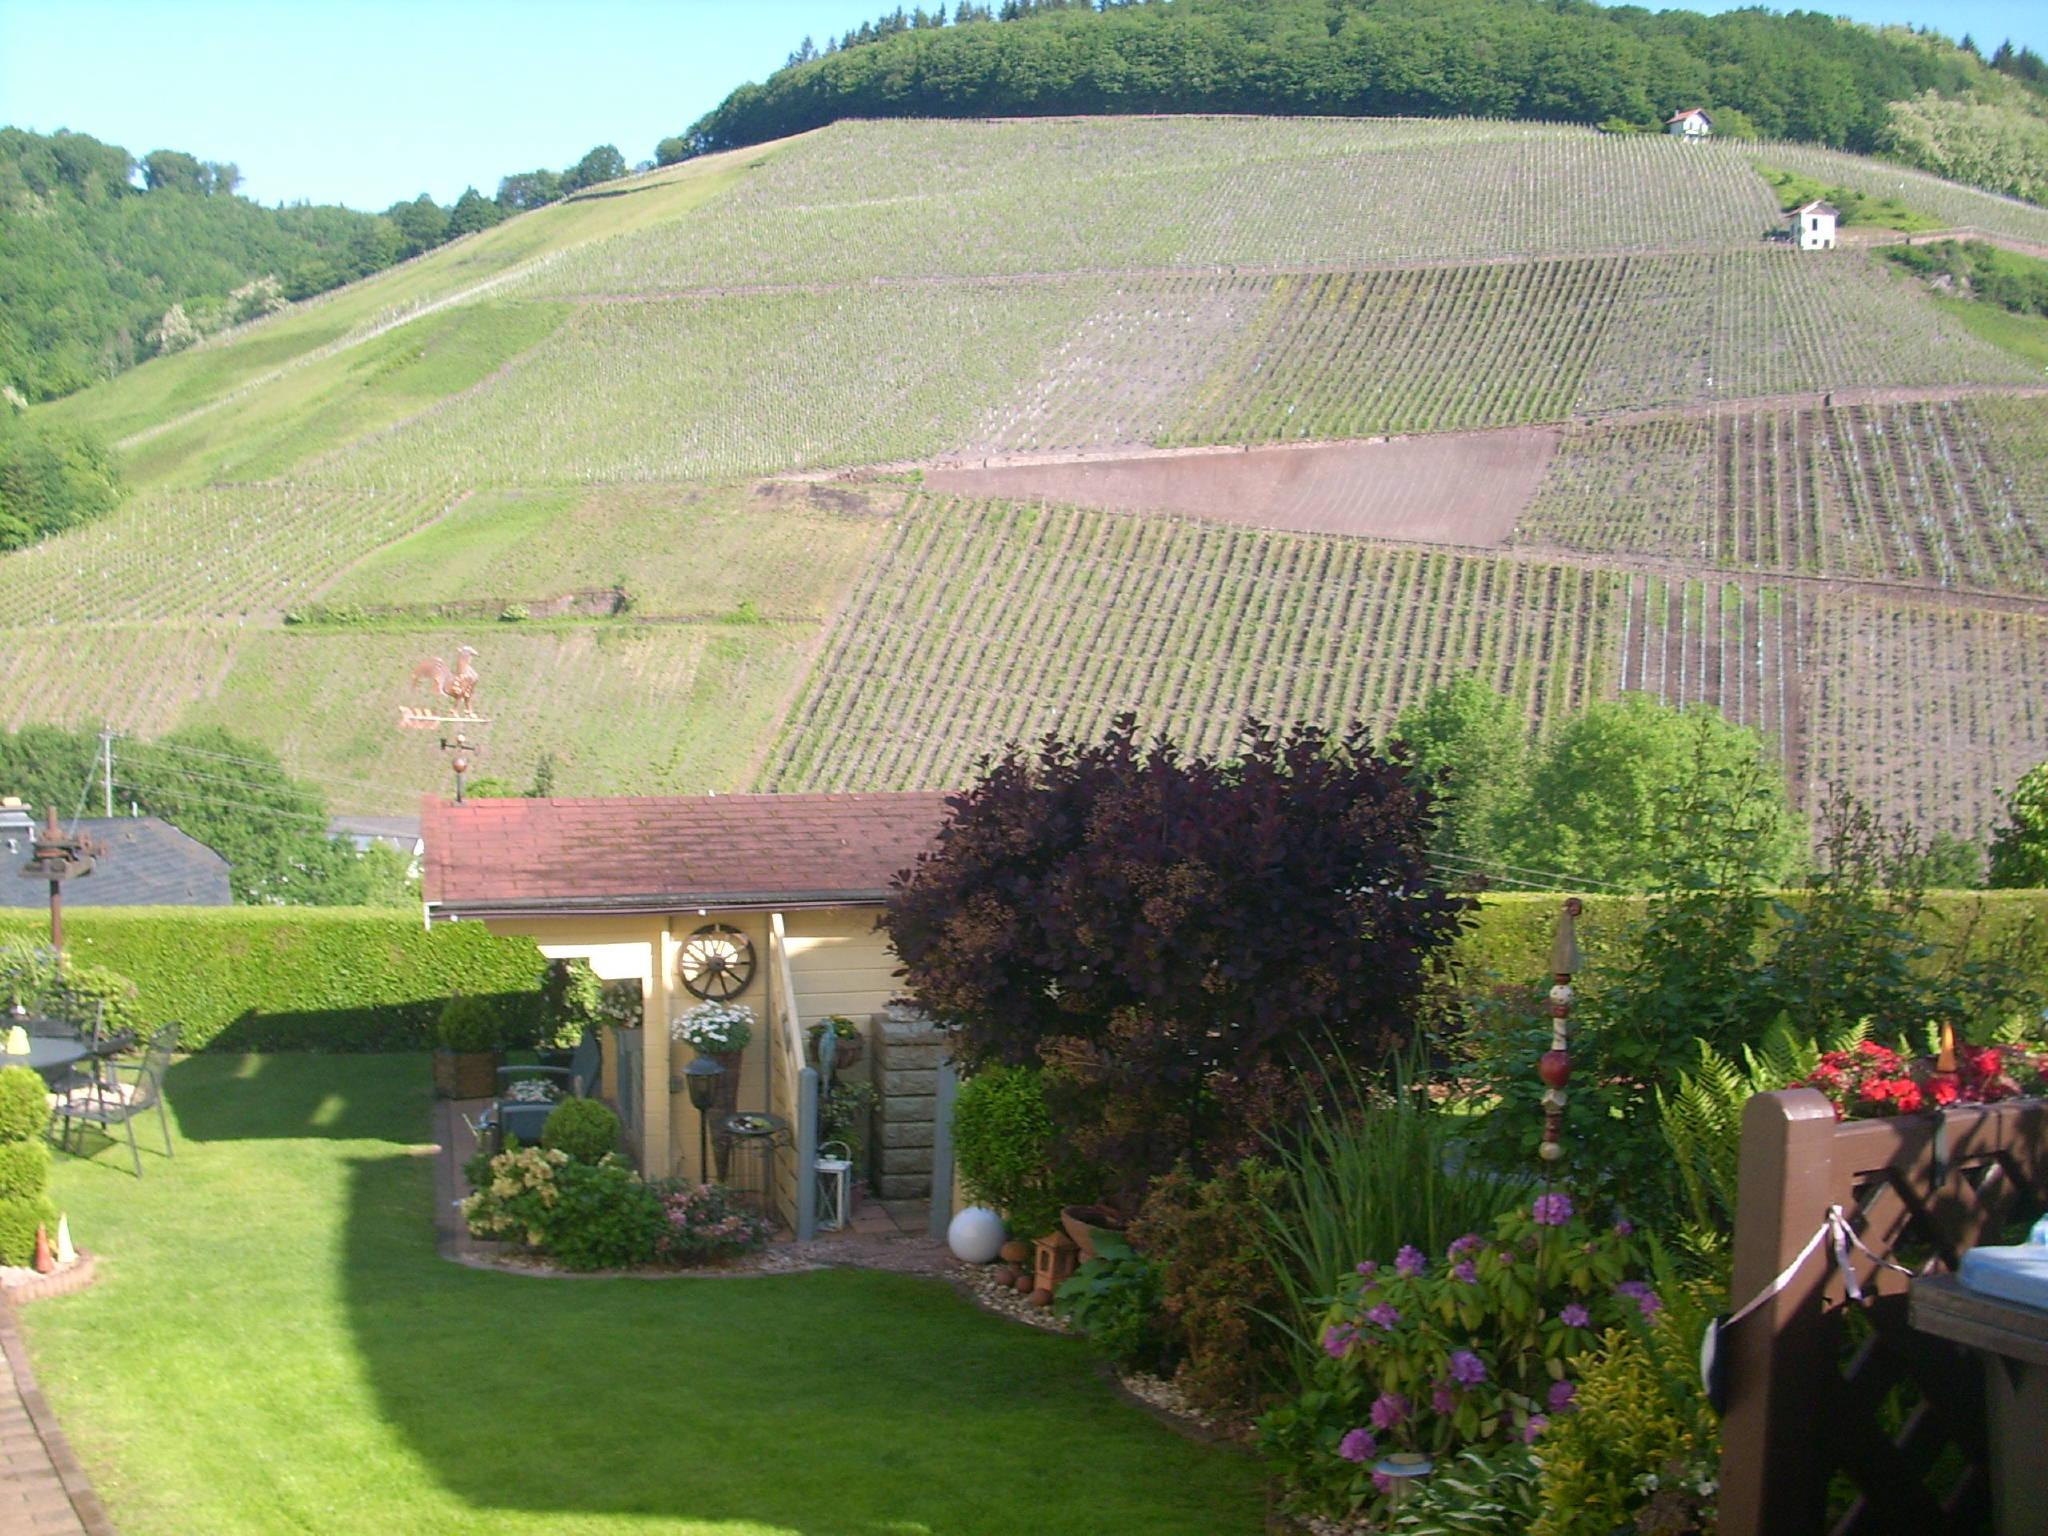 Blick von der Terrasse auf die Weinberge